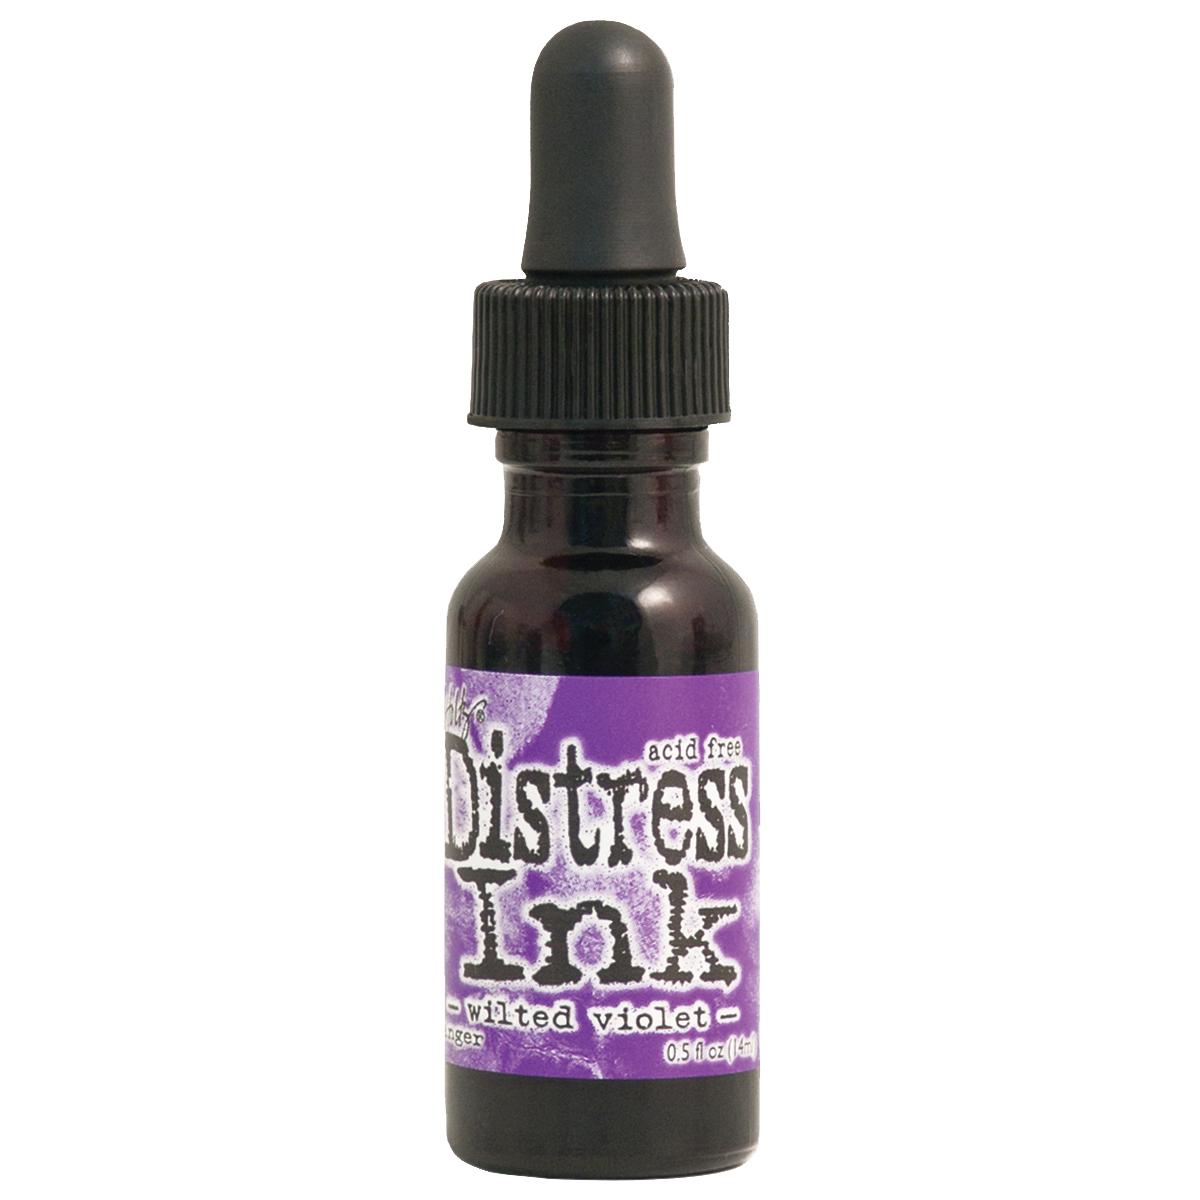 Distress Ink Wilted Violet reinker